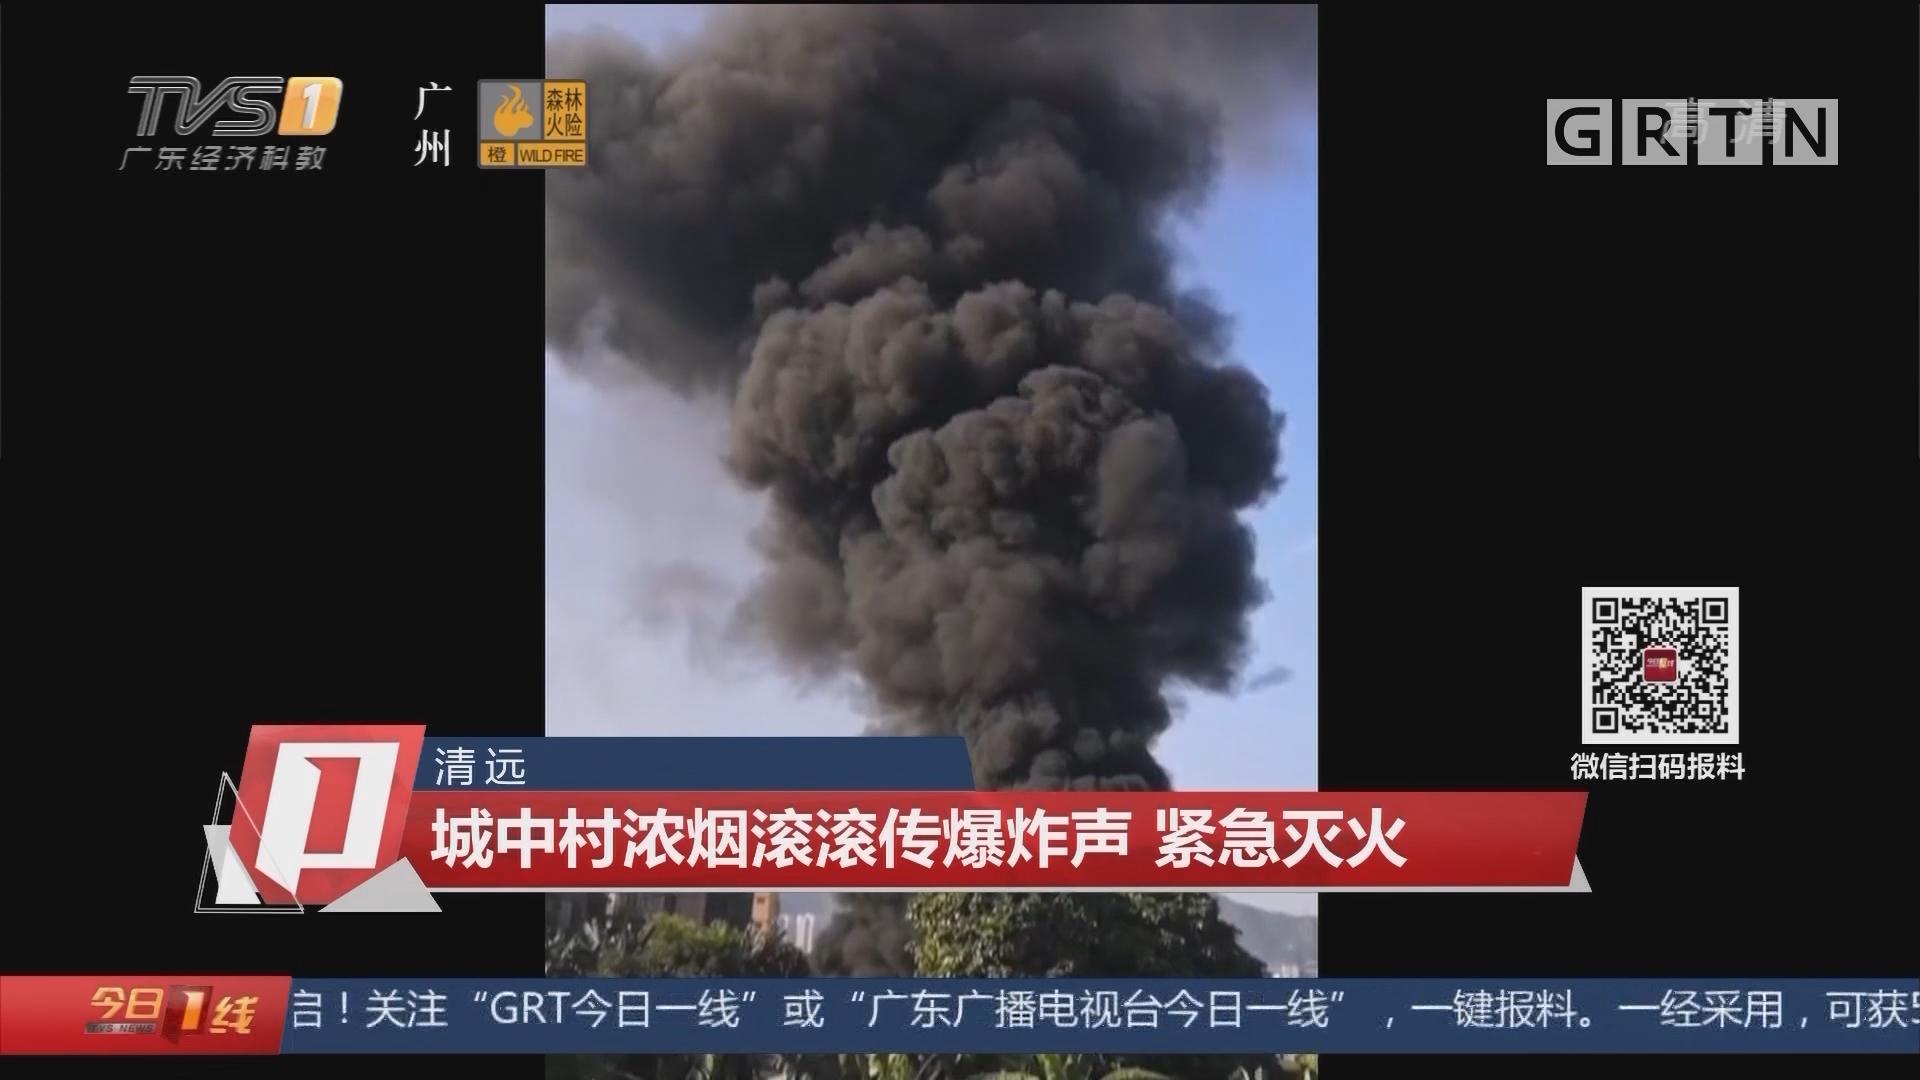 清远:城中村浓烟滚滚传爆炸声 紧急灭火